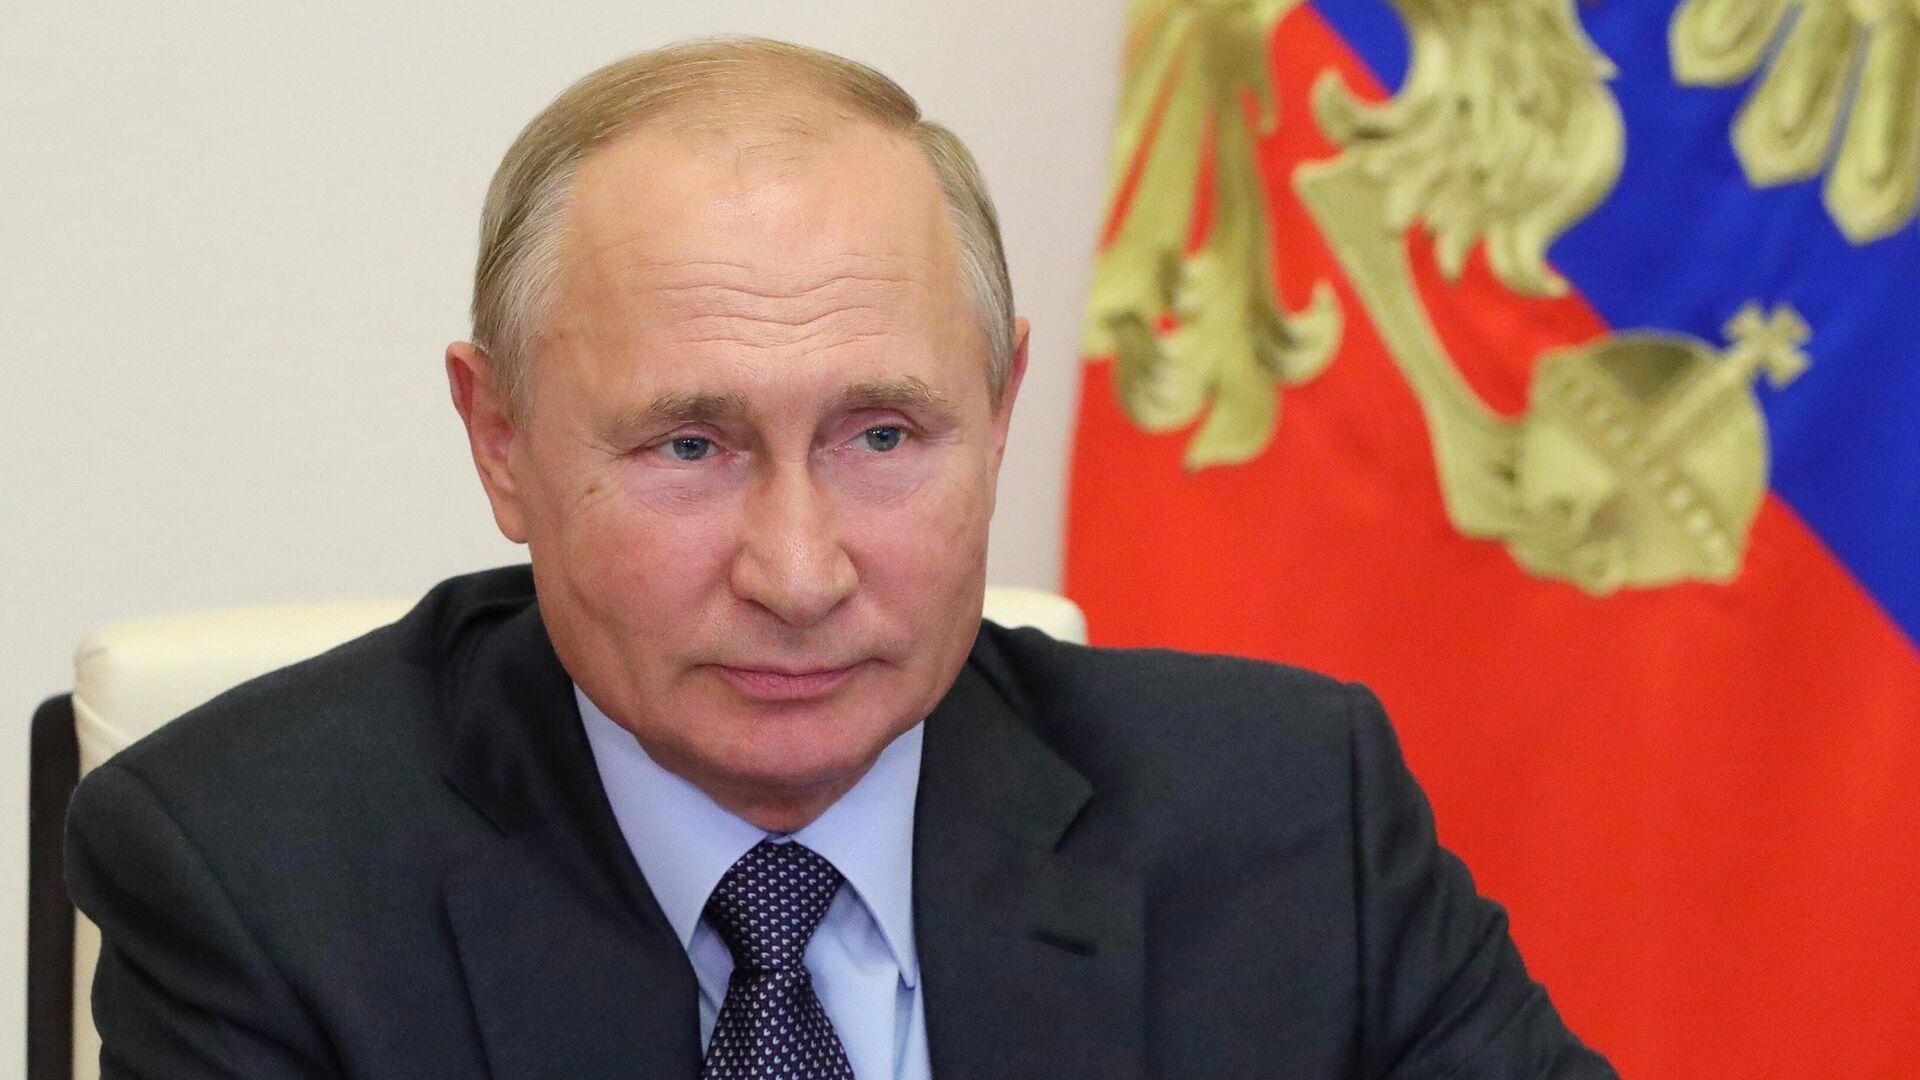 Президент РФ Владимир Путин проводит в режиме видеоконференции совещание по экономическим вопросам - РИА Новости, 1920, 07.10.2020